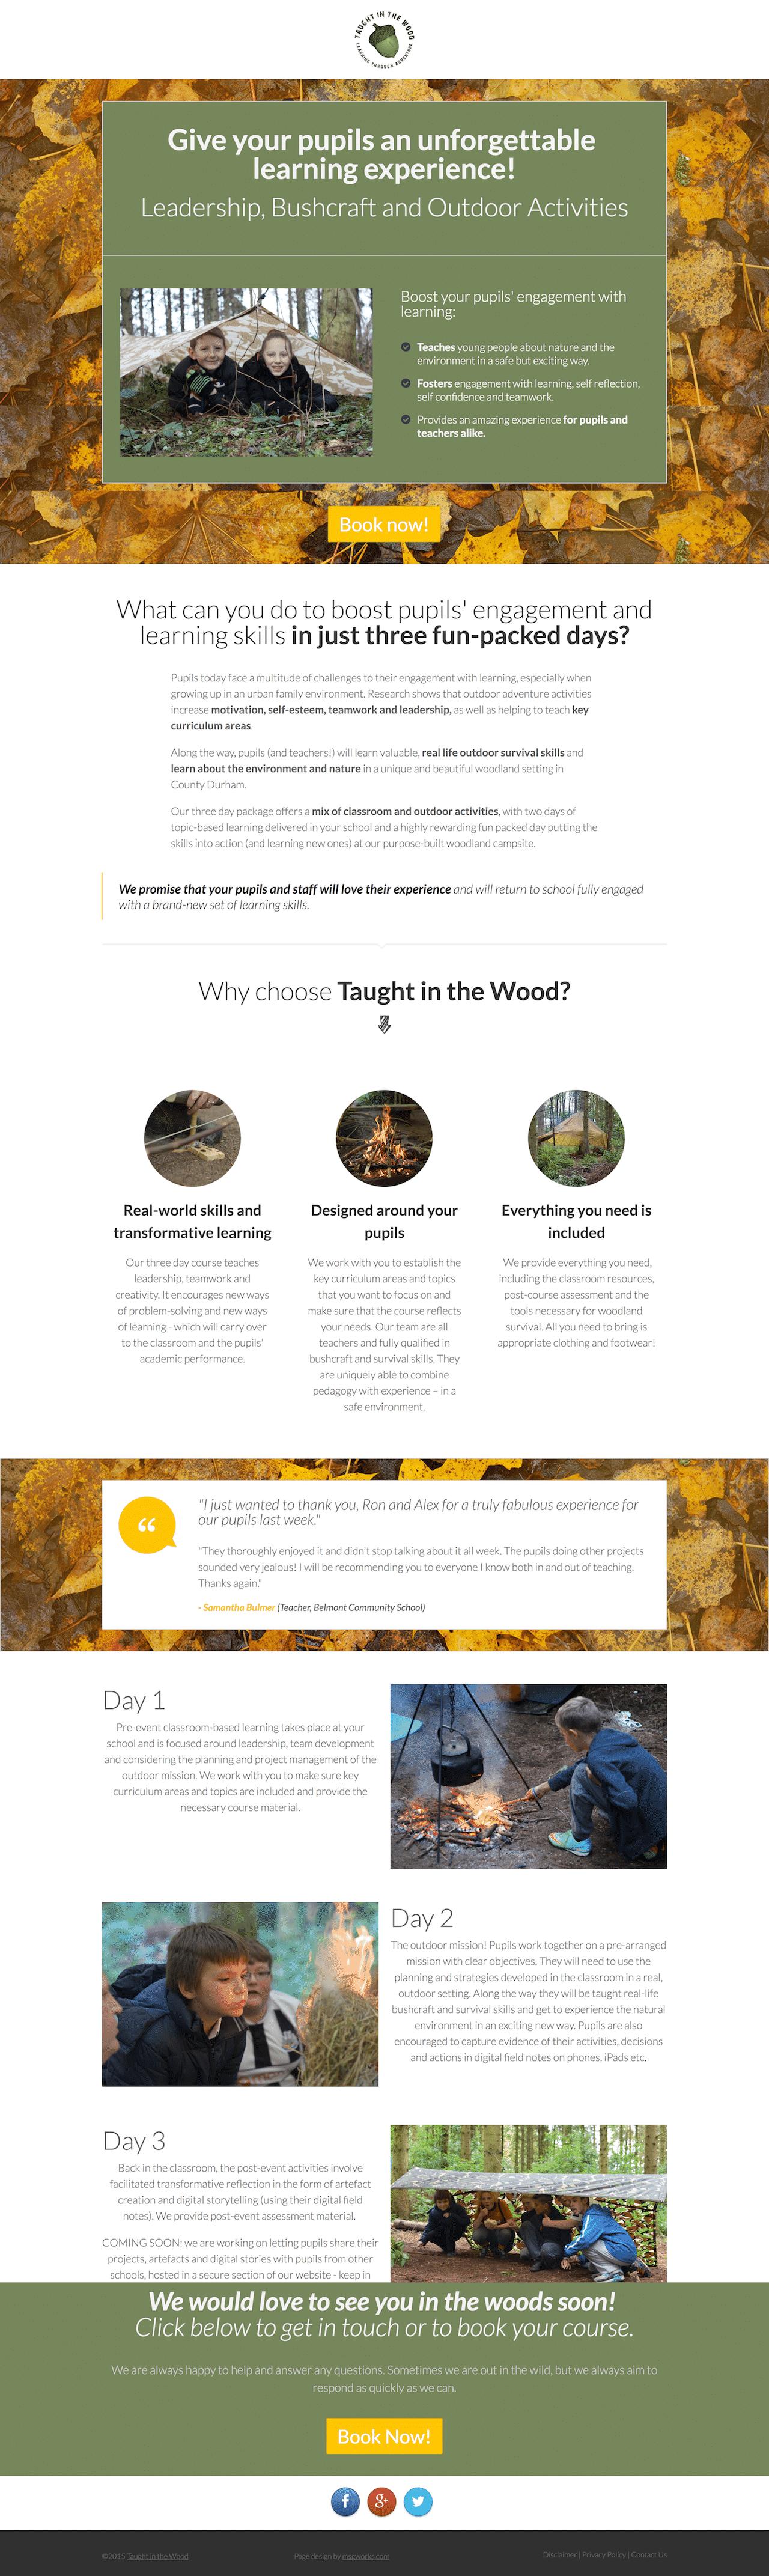 Taughtinthewood Landing Page Example 1